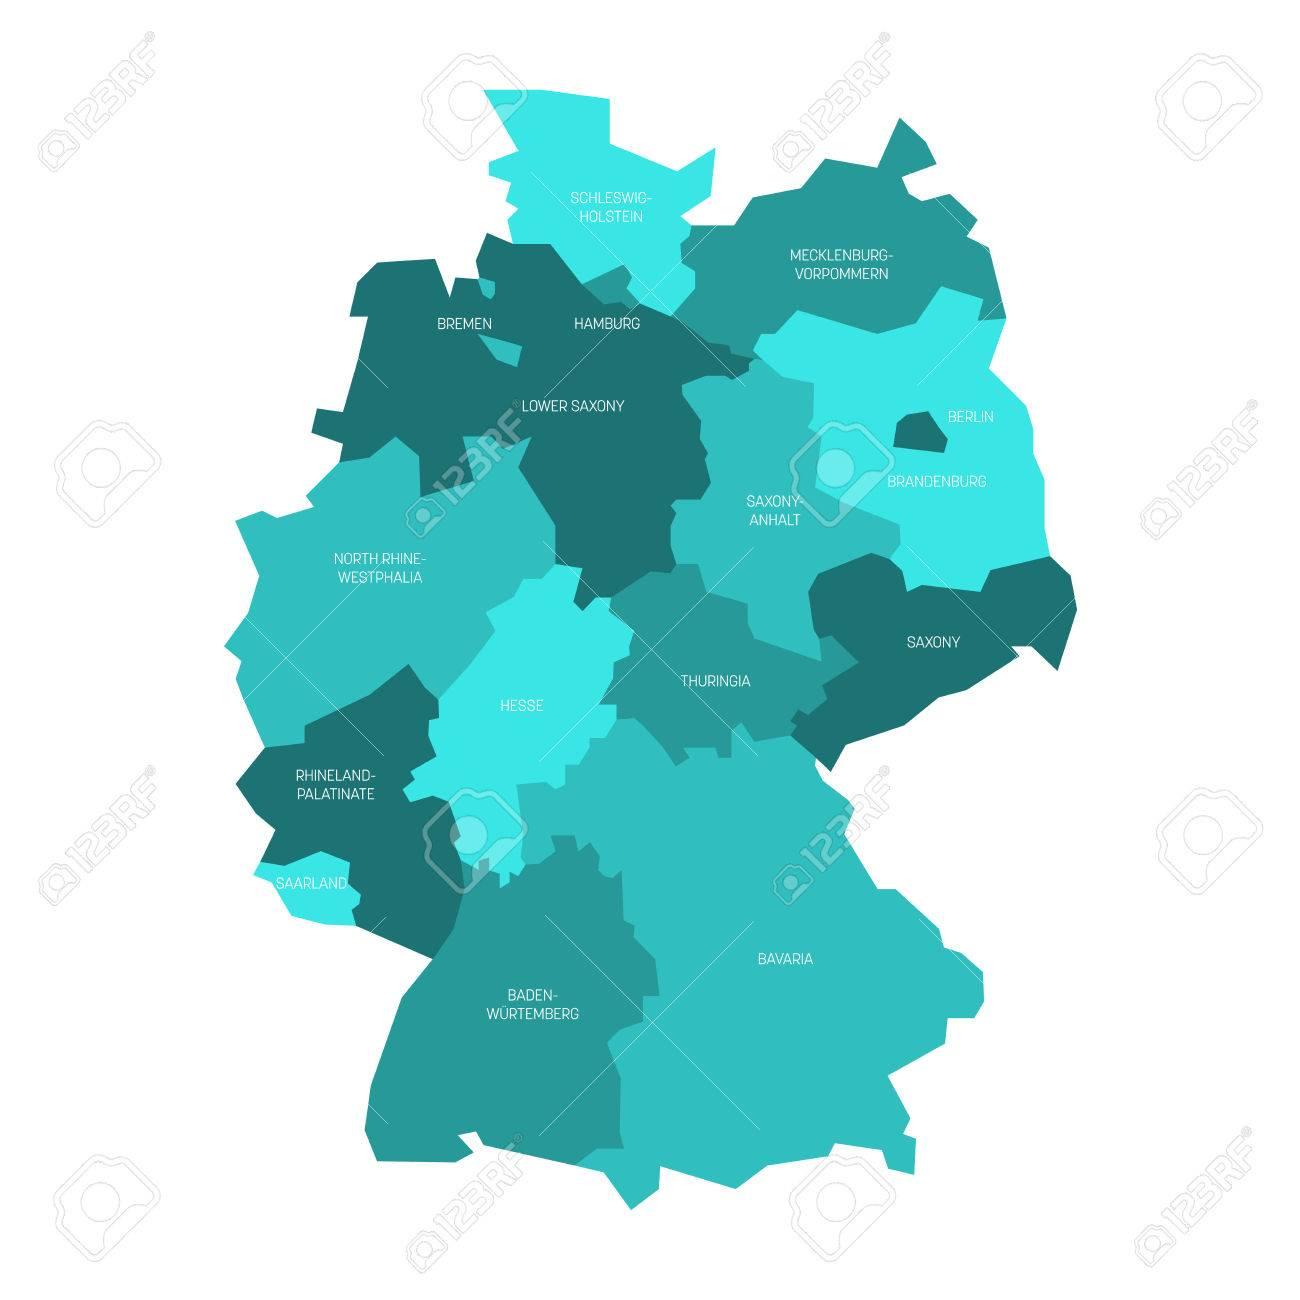 deutschland geteilt karte Karte Von Deutschland Geteilt Auf 13 Bundesländer Und 3